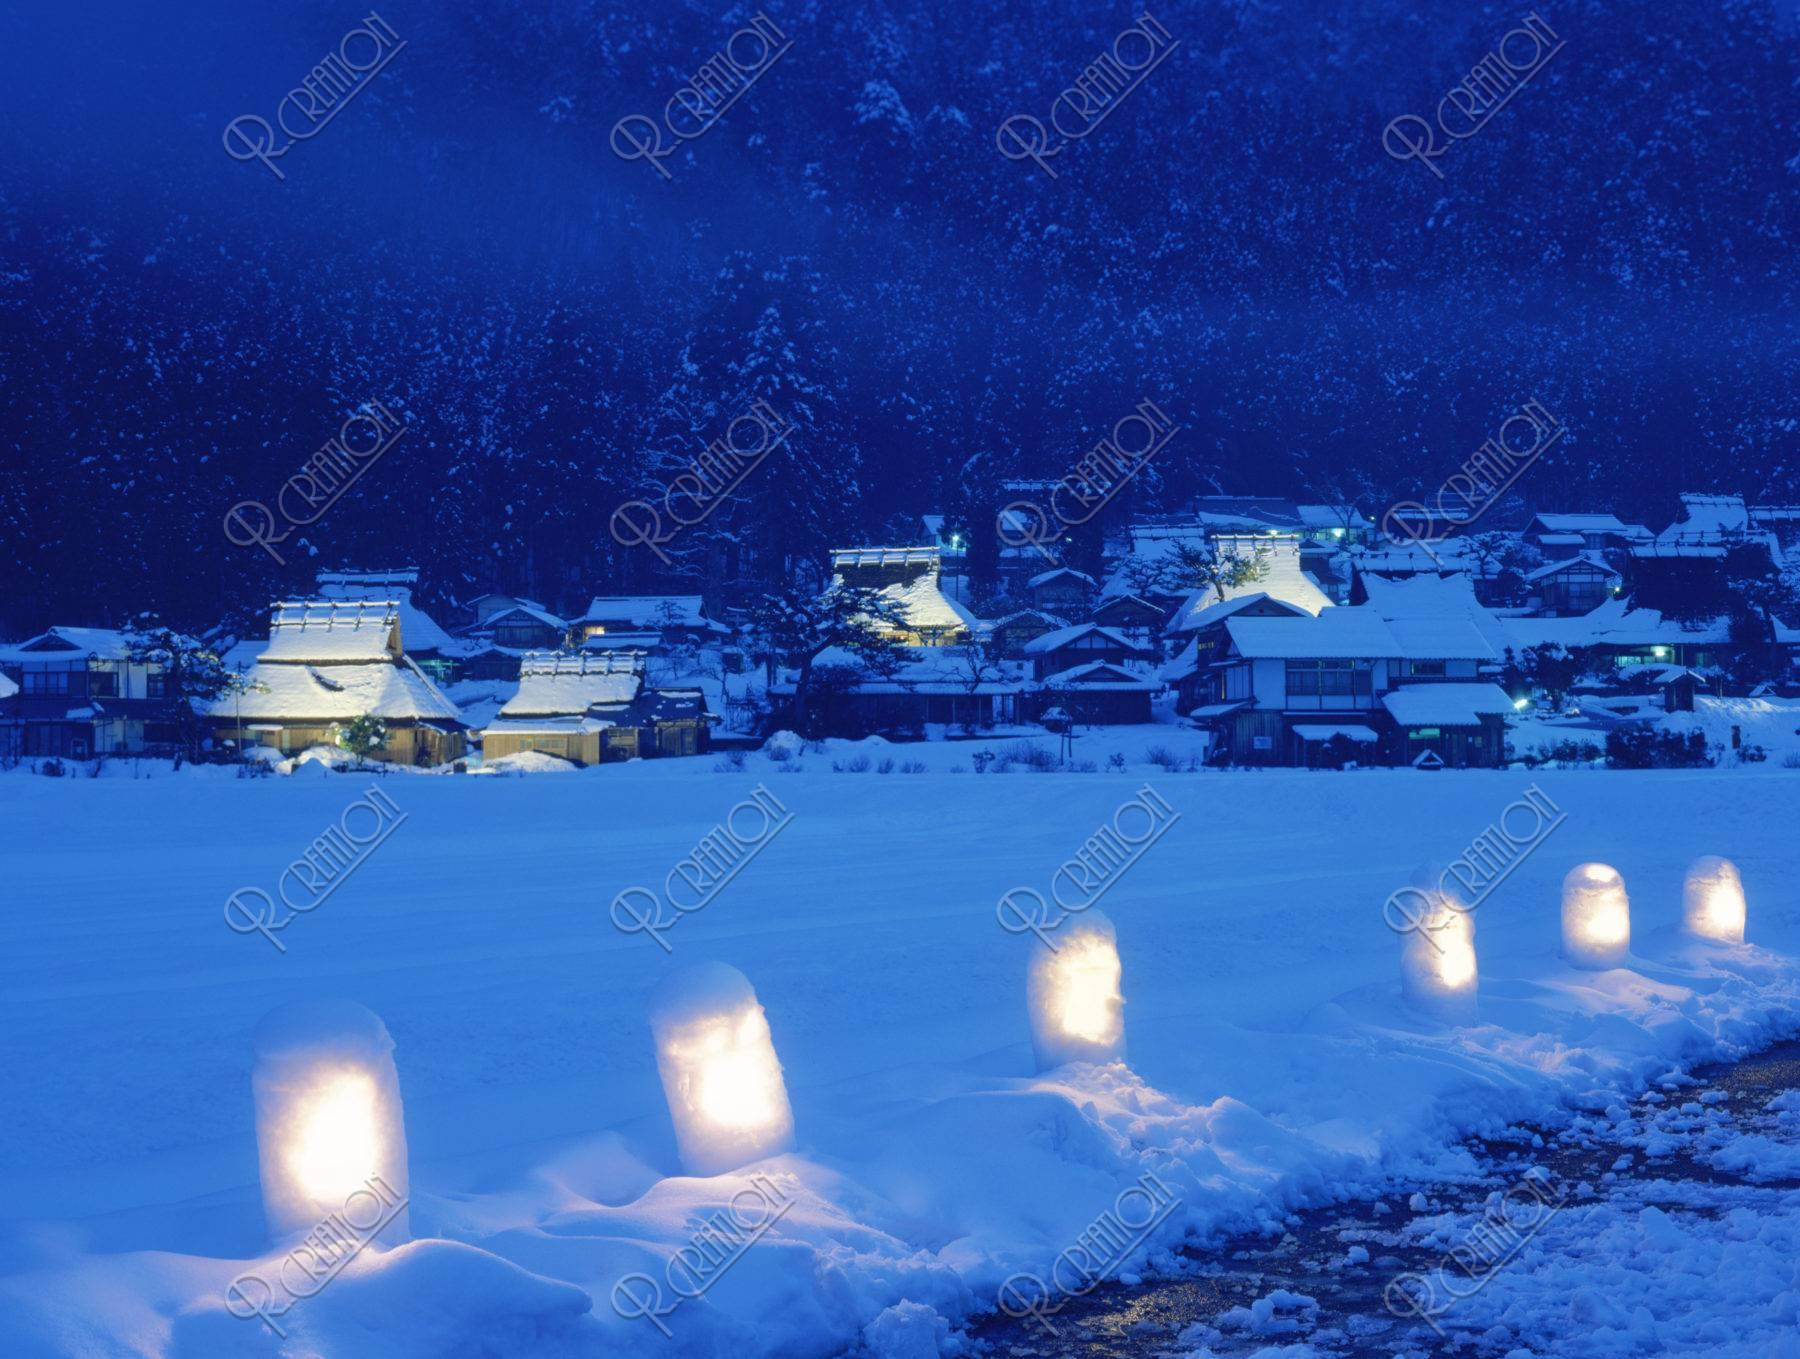 雪の茅葺き民家集落の夜景